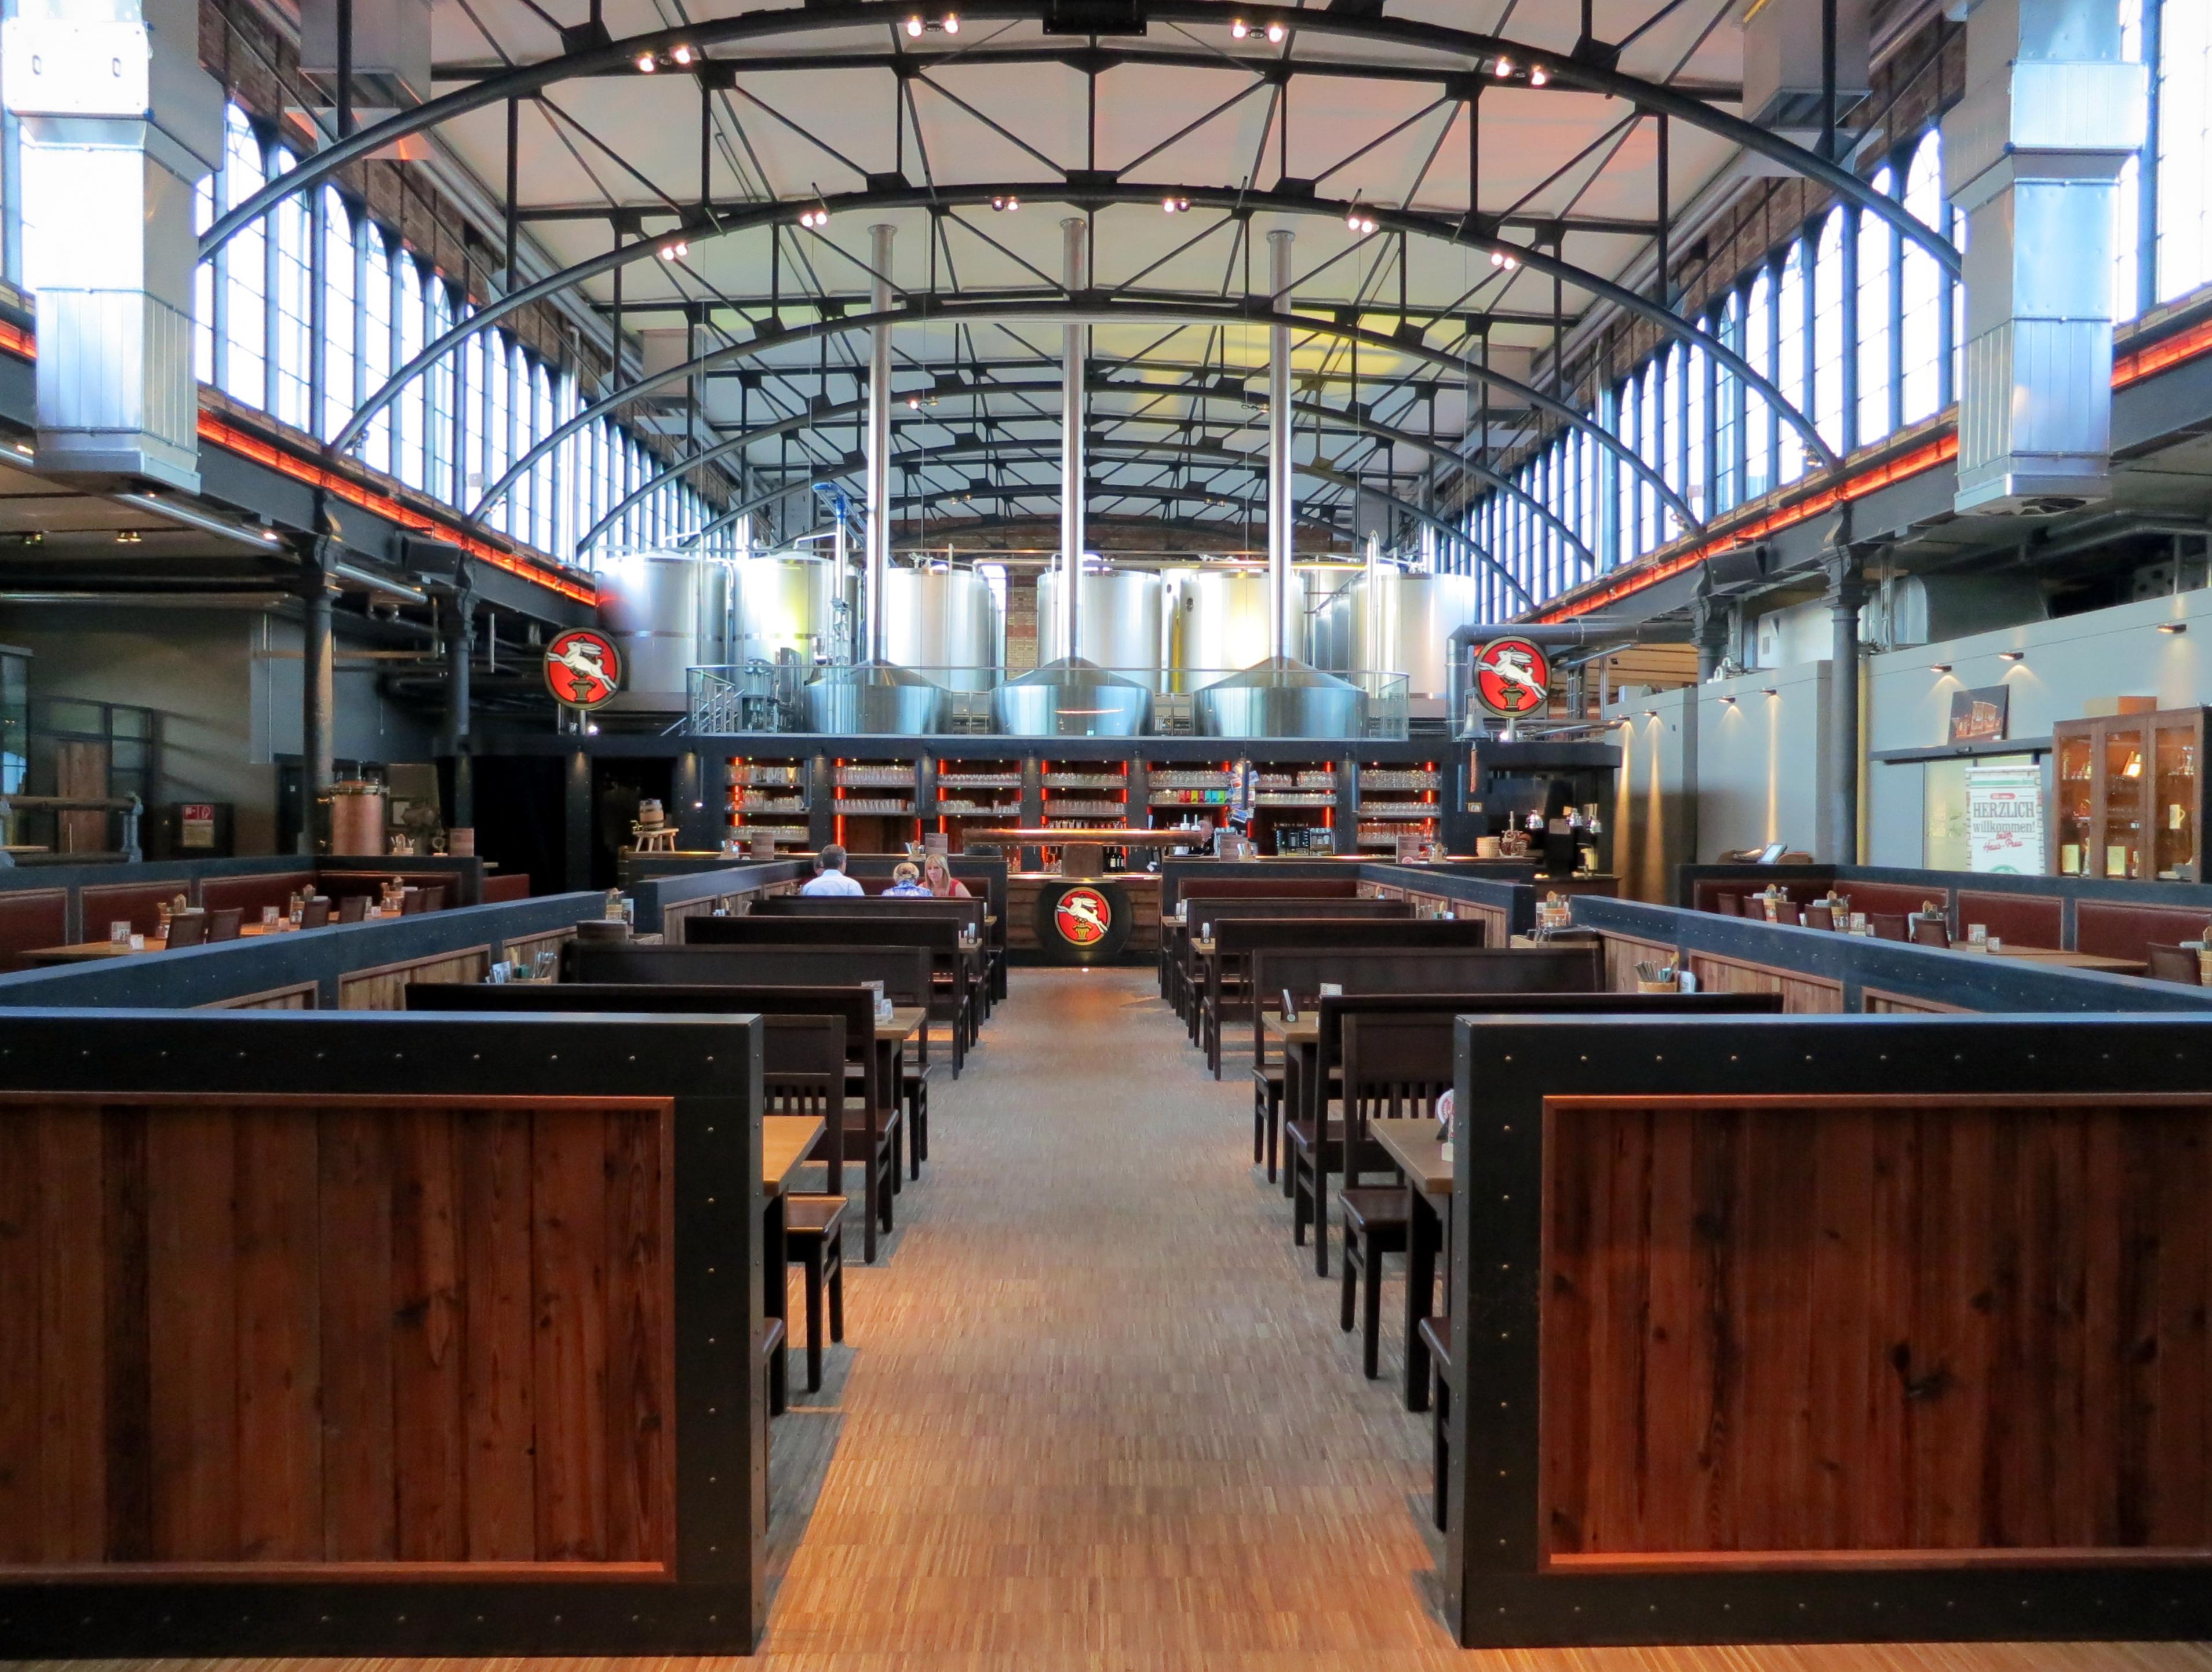 Augsburg Cafe In Der N Ef Bf Bdhe Vom Hofgarten